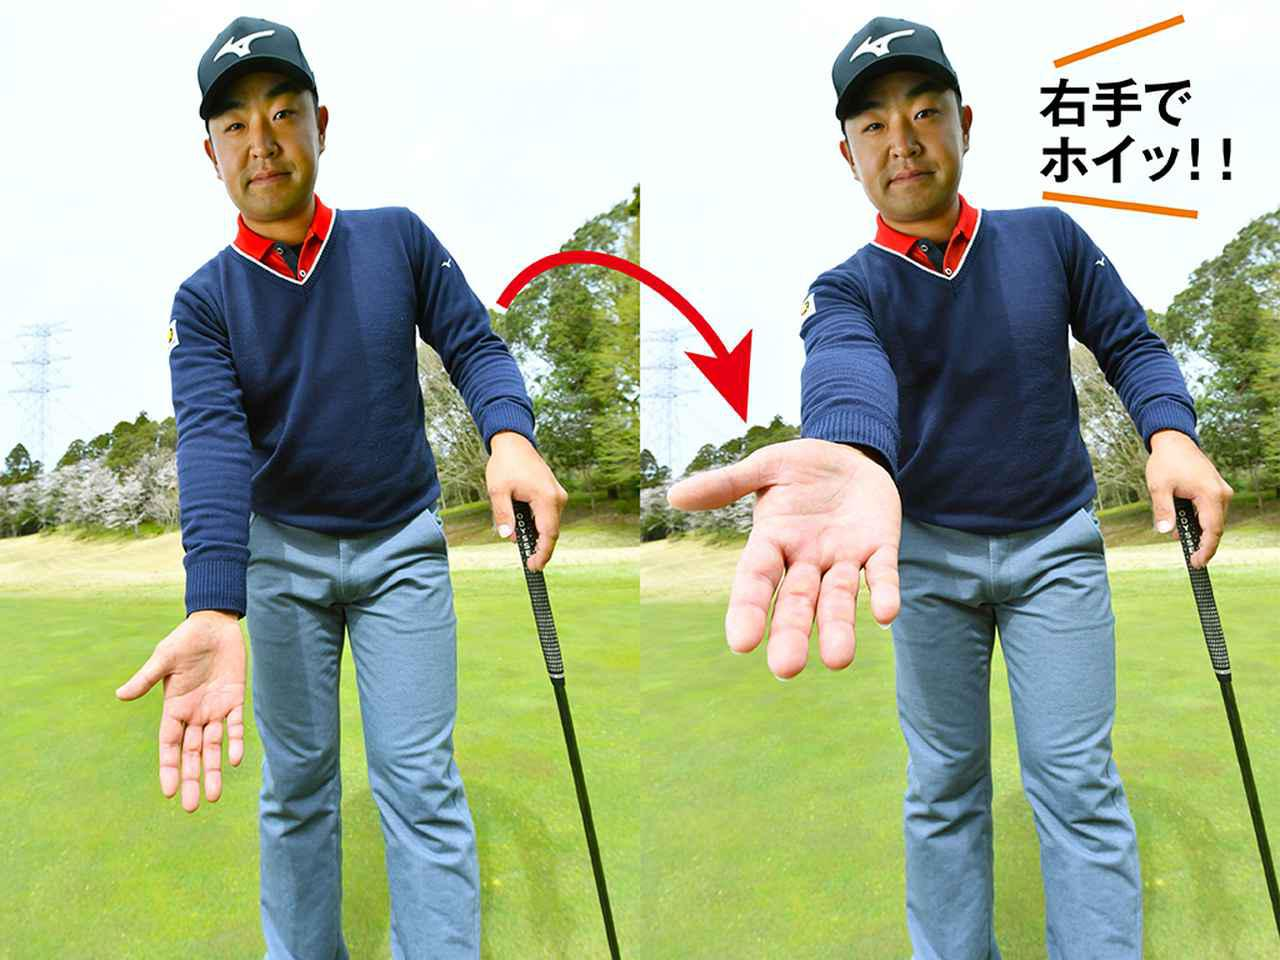 画像1: 【パットは右手】 右手で転がす感覚